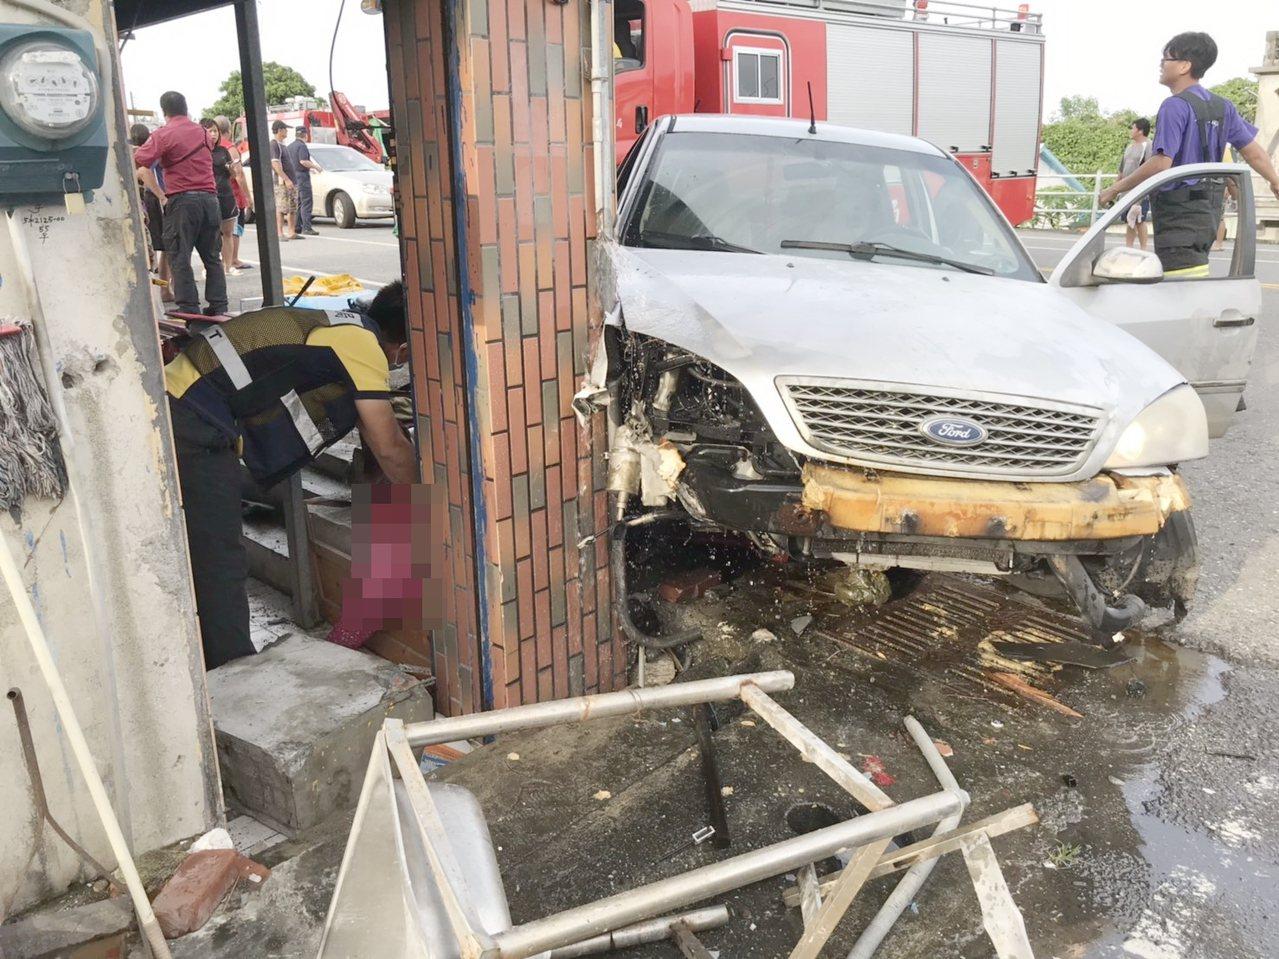 張姓男子轎車衝入民宅,撞上七十二歲婦人。記者羅紹平/翻攝